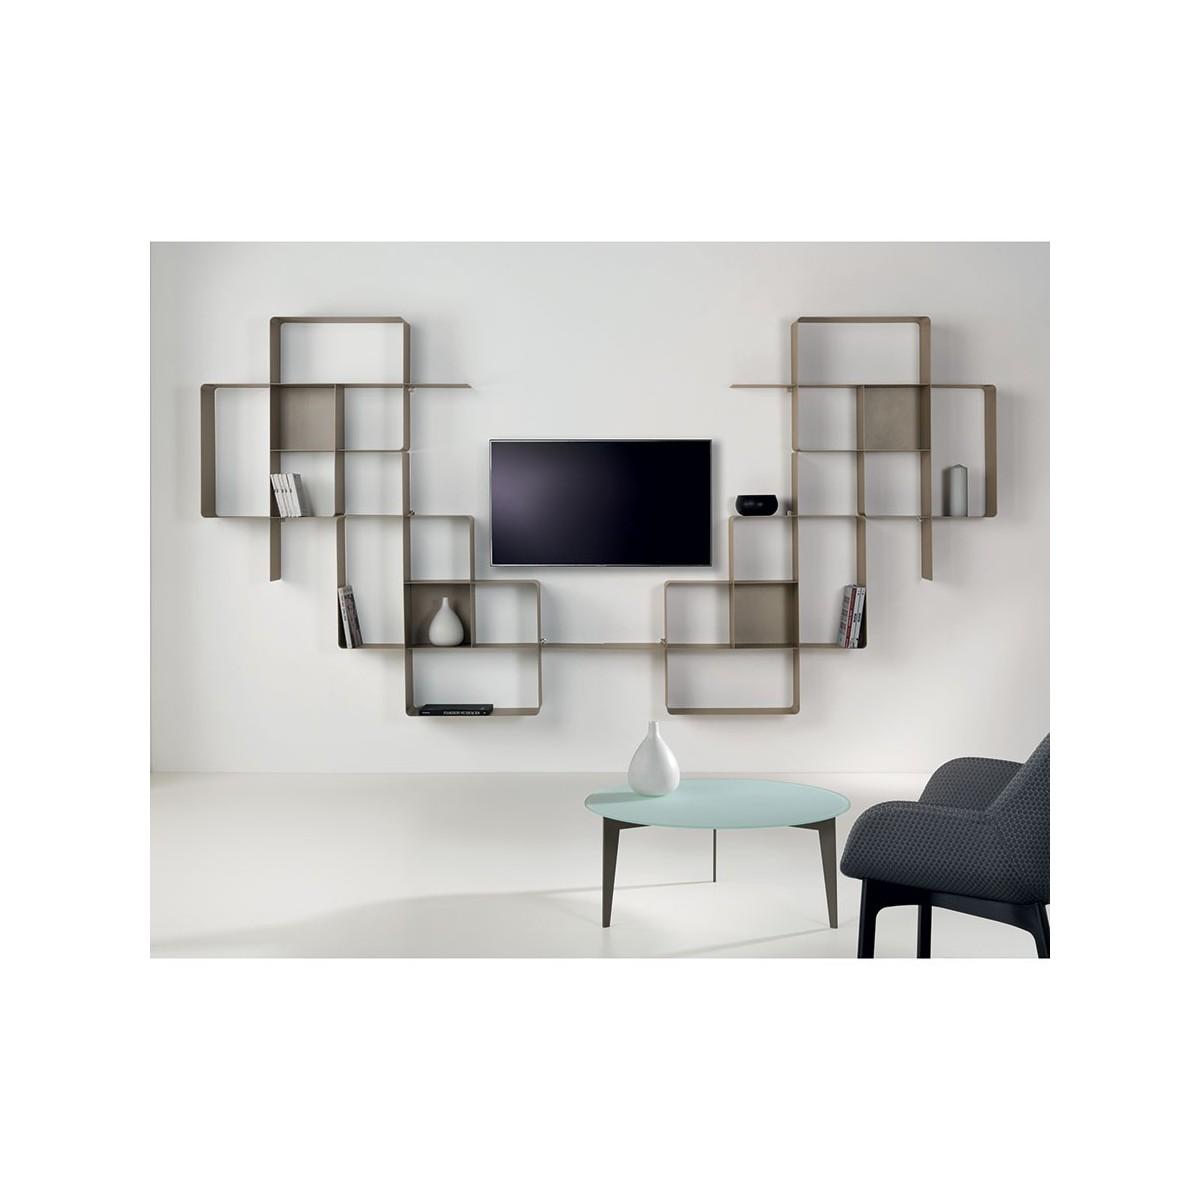 Mondrian libreria a parete moderna in metallo componibile for Ikea mensole acciaio